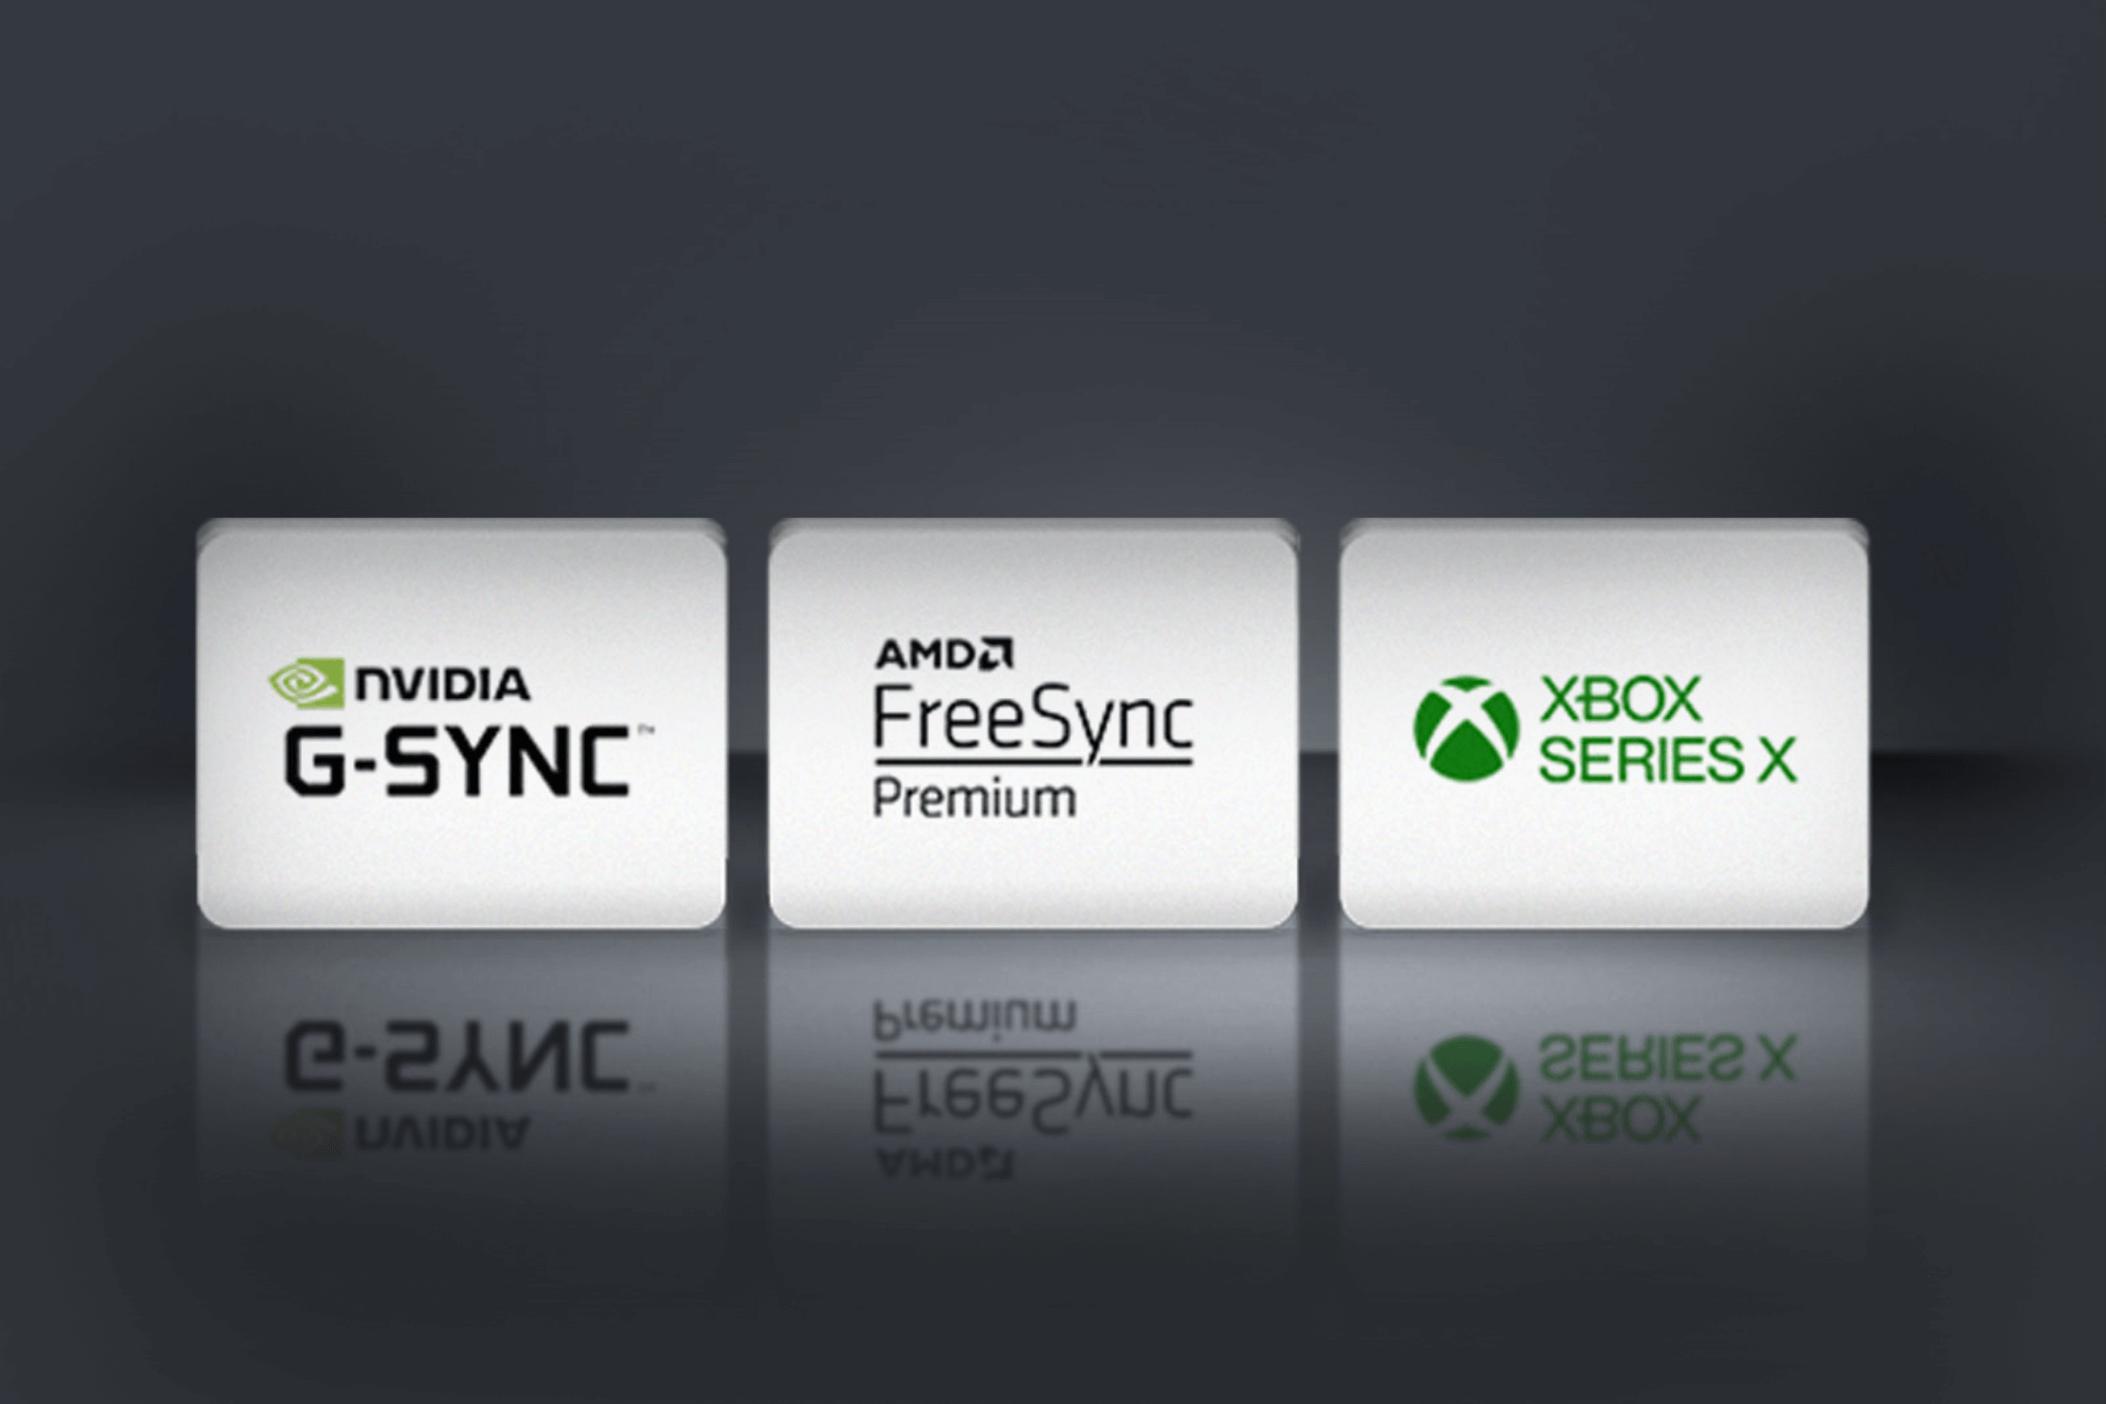 NVIDIA, AMD, XBOX